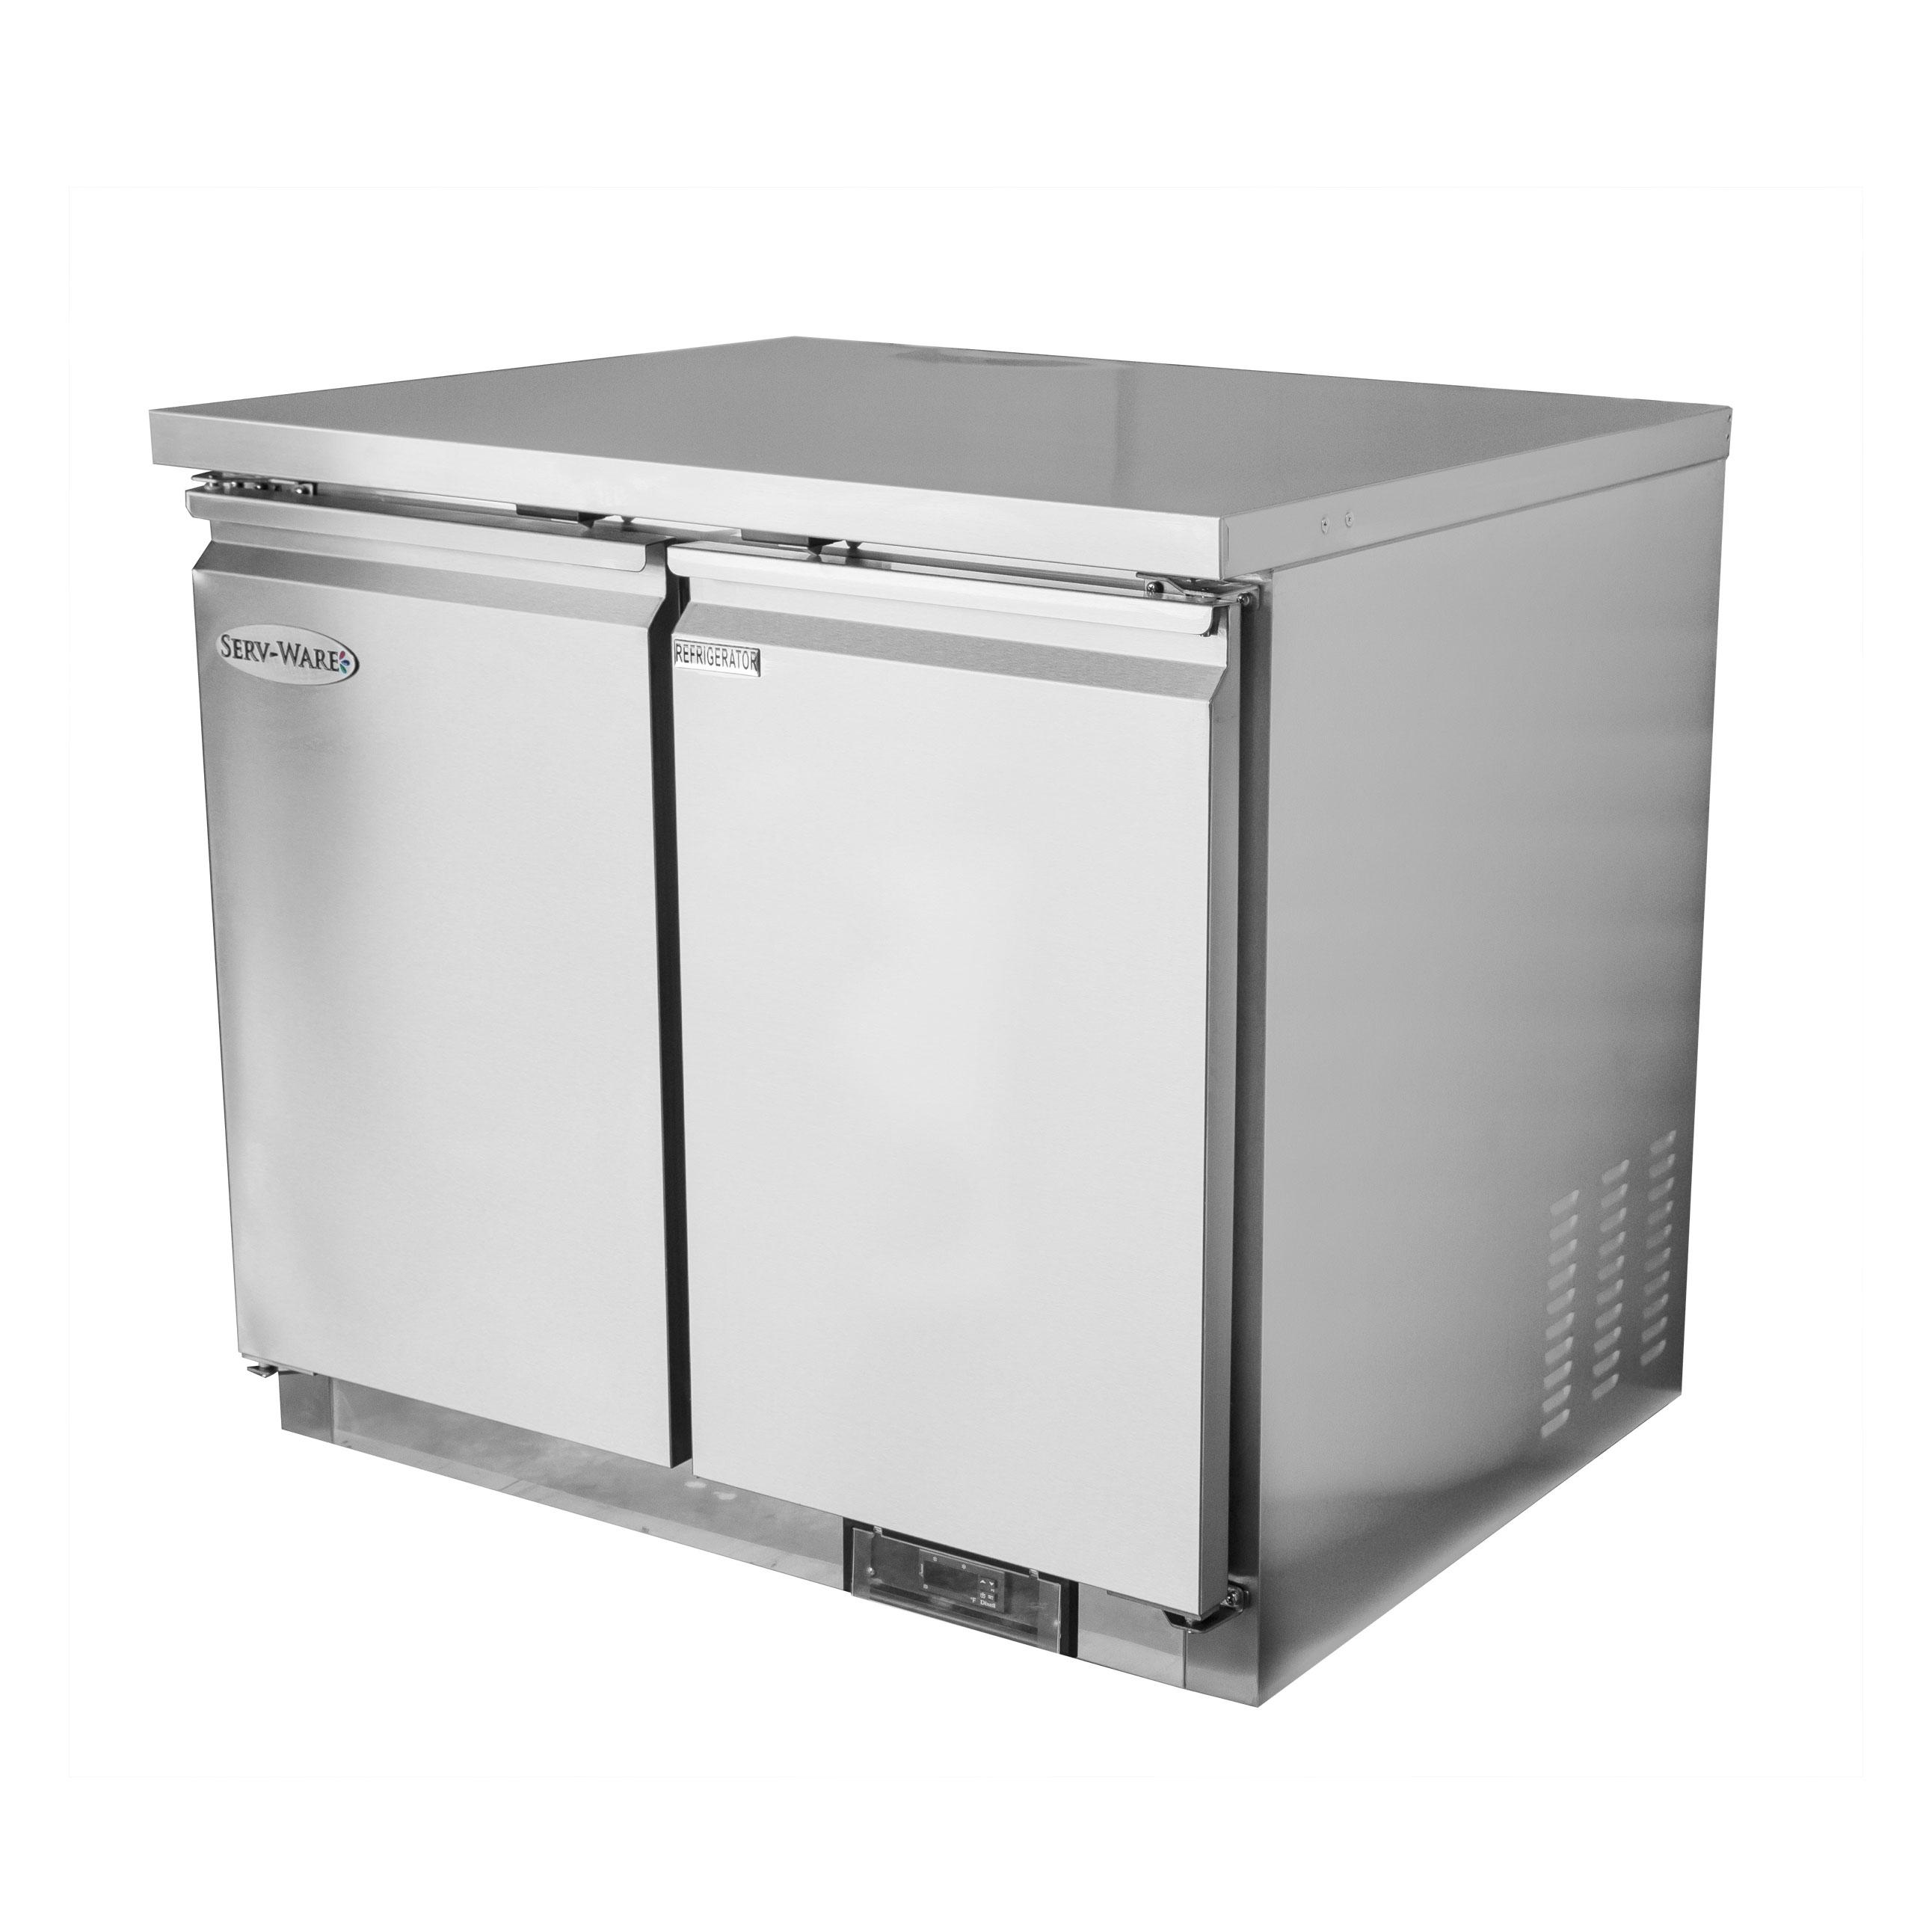 Serv-Ware UCR-36-HC refrigerator, undercounter, reach-in